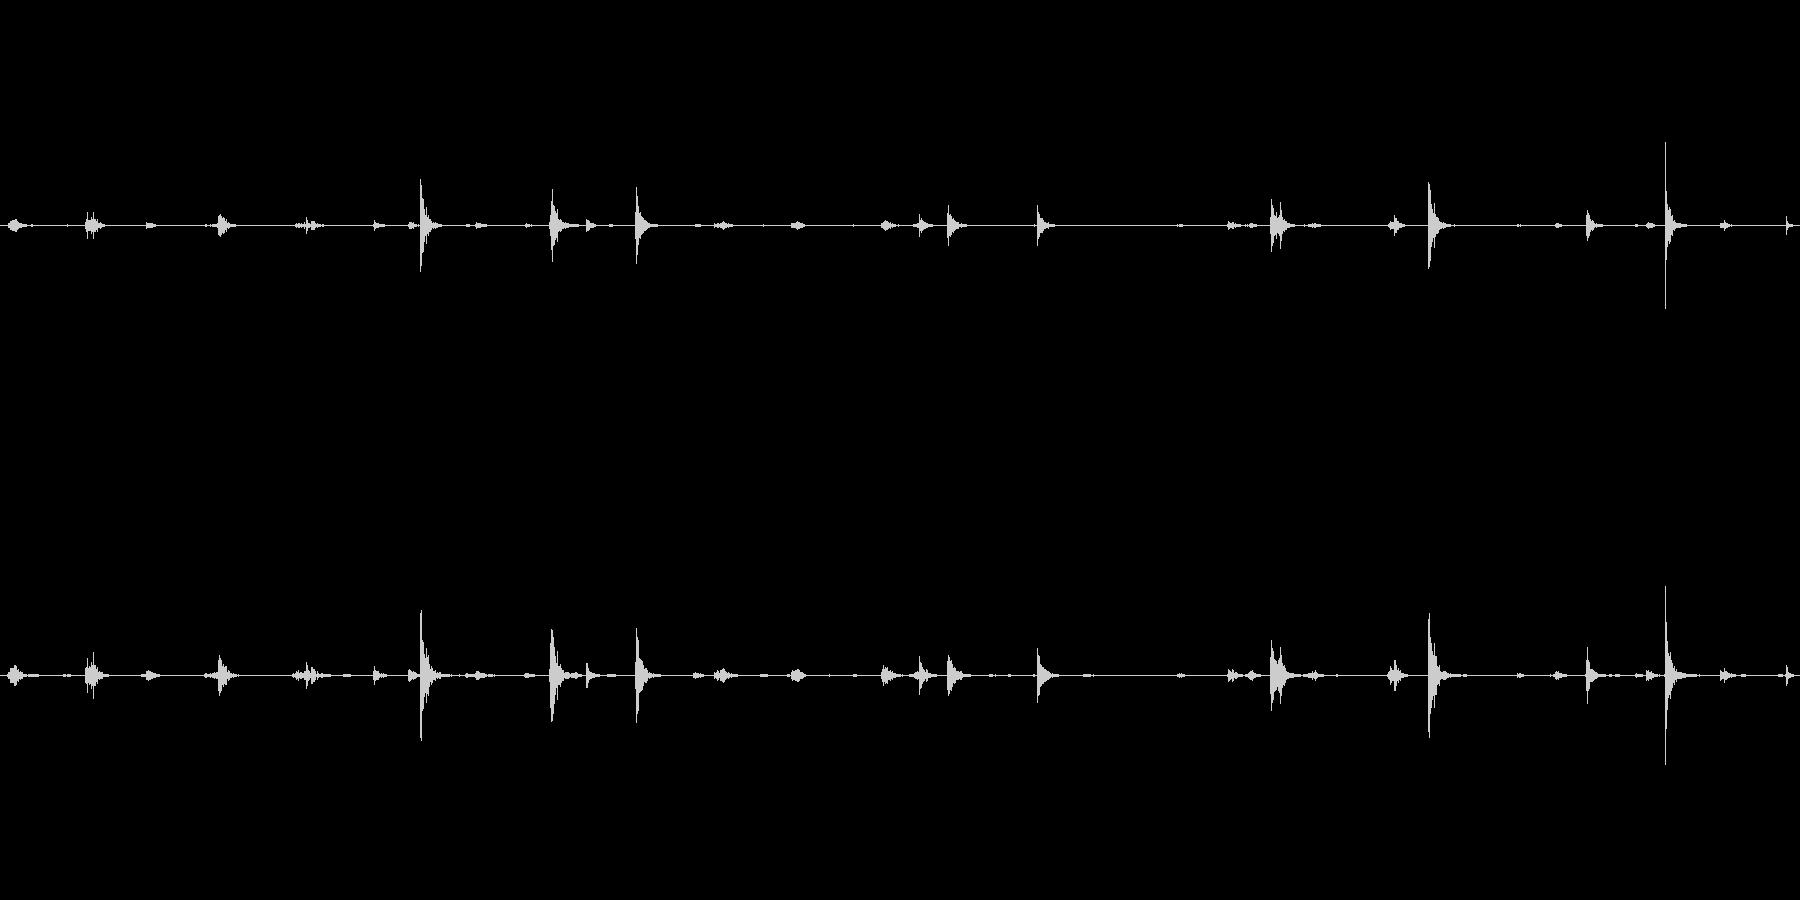 鍵穴をピッキングしている時の音の未再生の波形